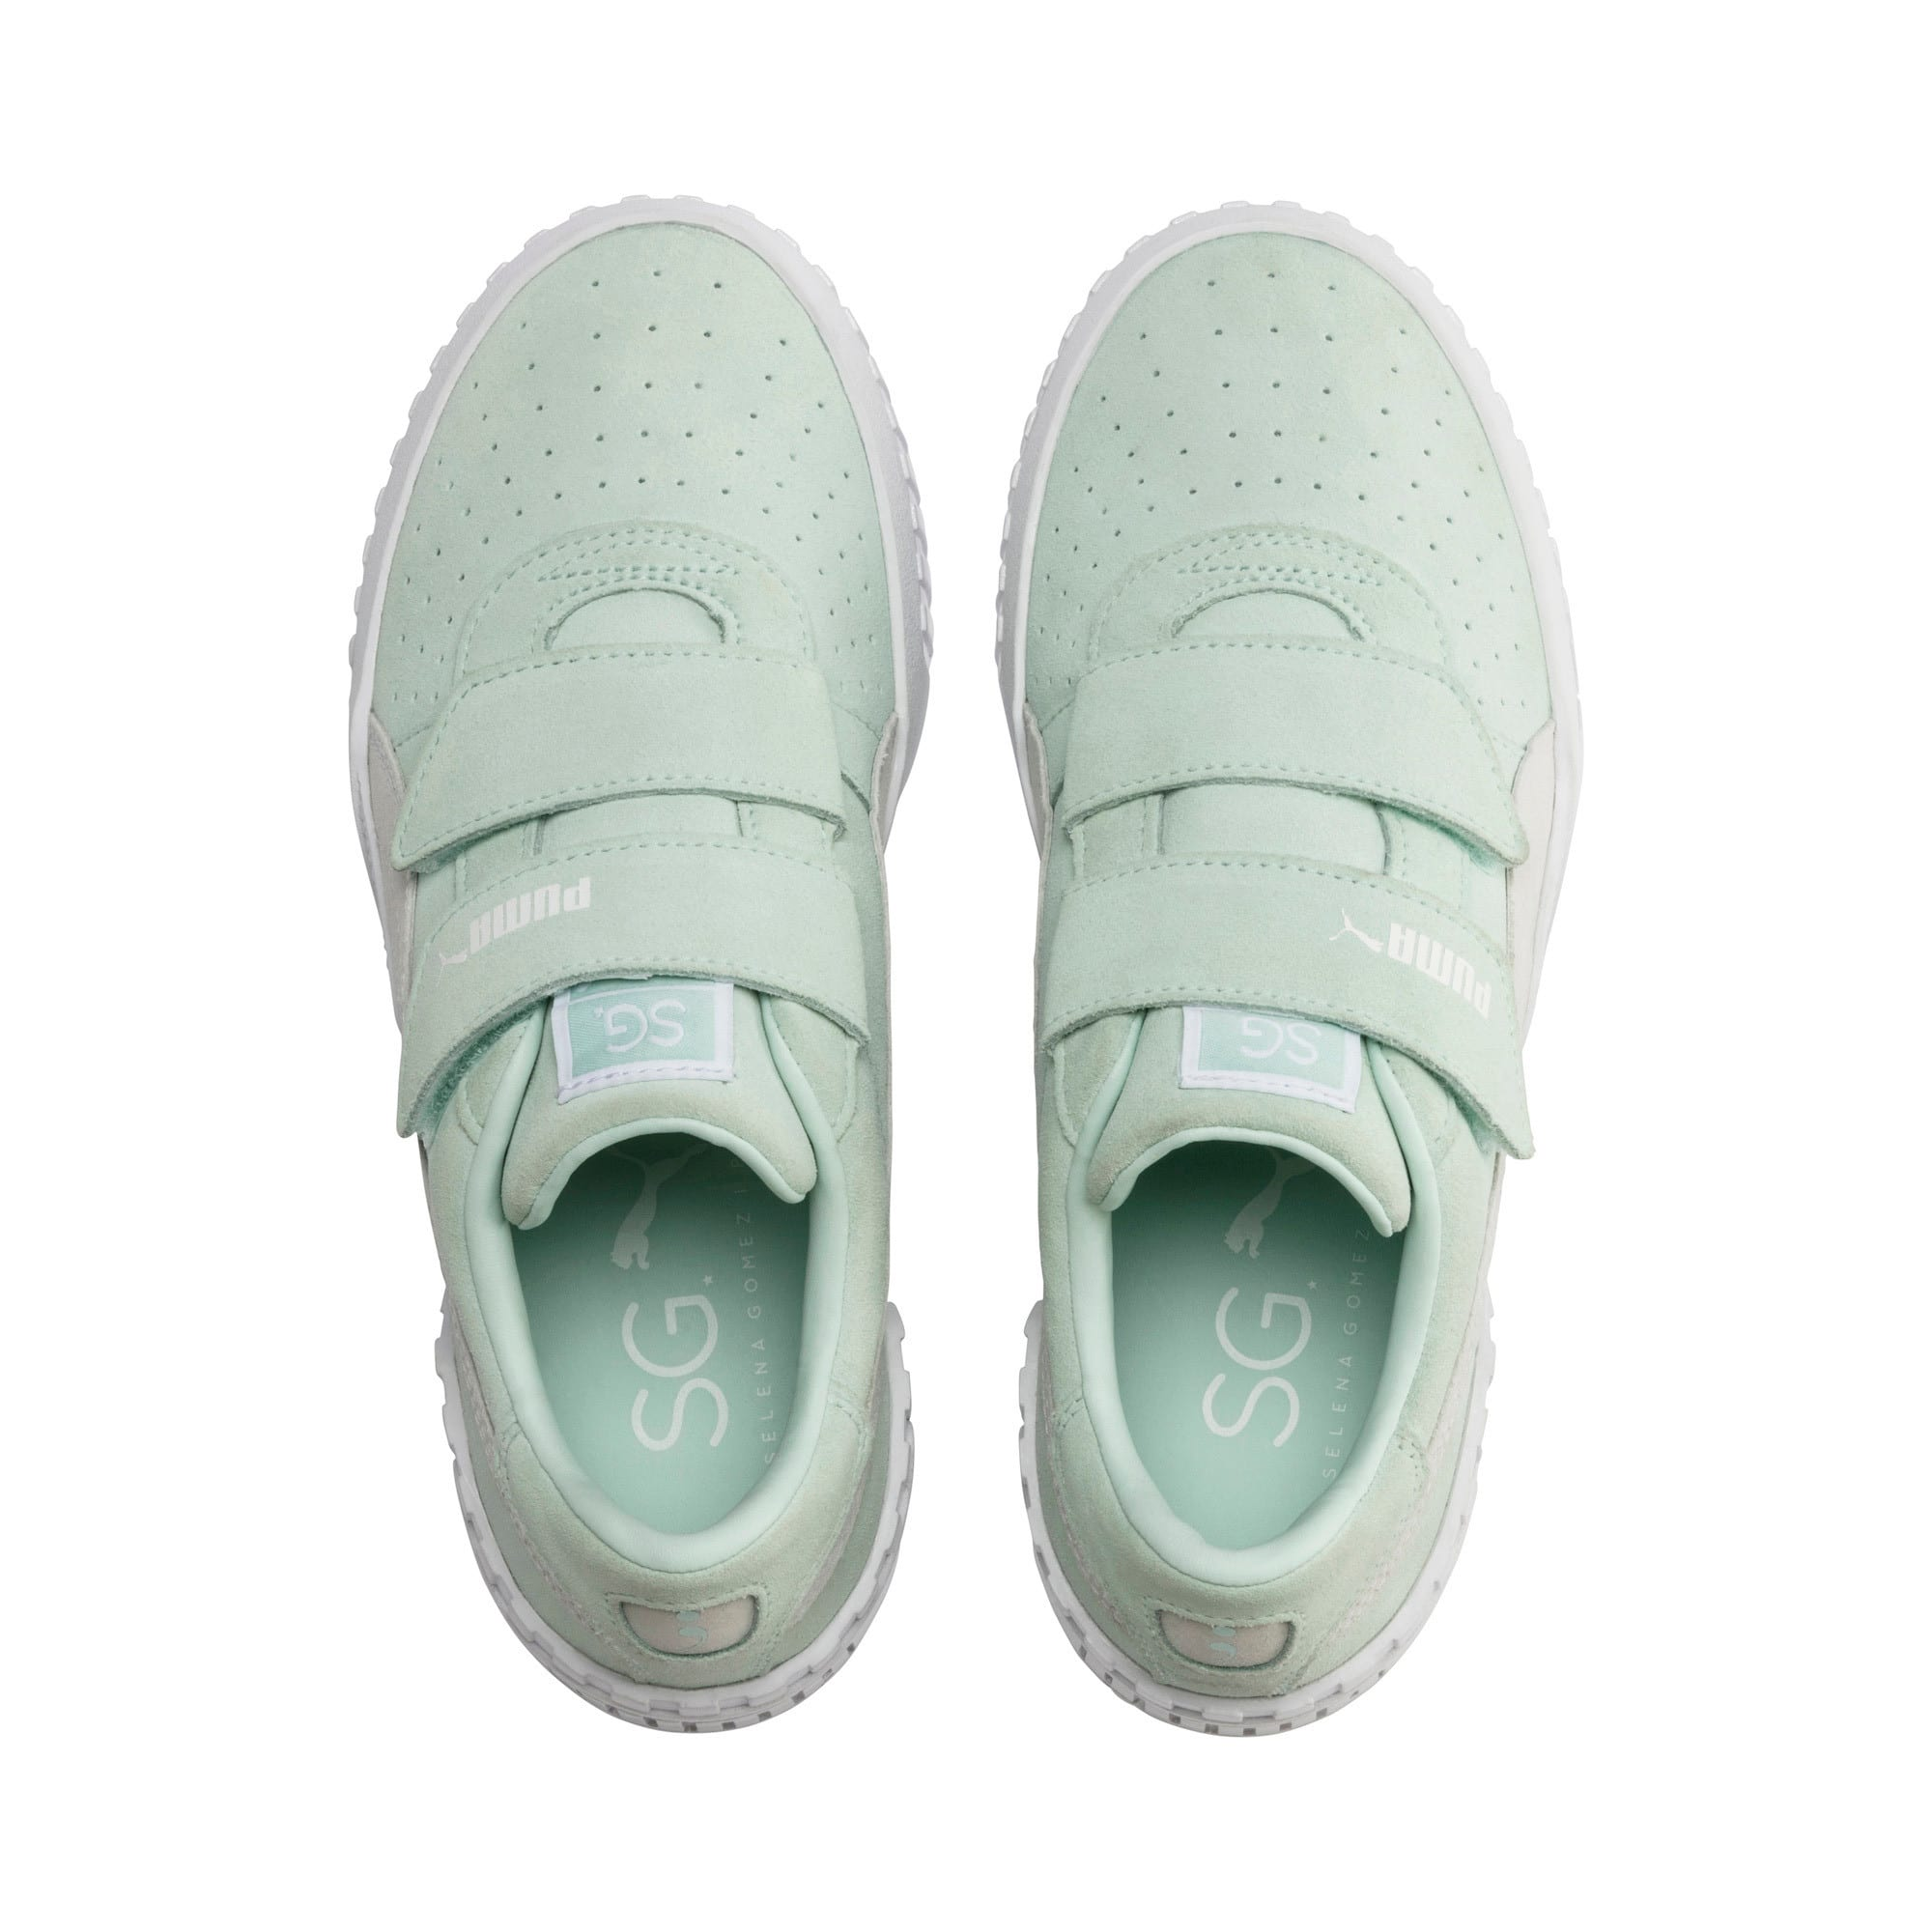 Thumbnail 7 of SG x Cali Suede Women's Sneakers, Fair Aqua-Puma White, medium